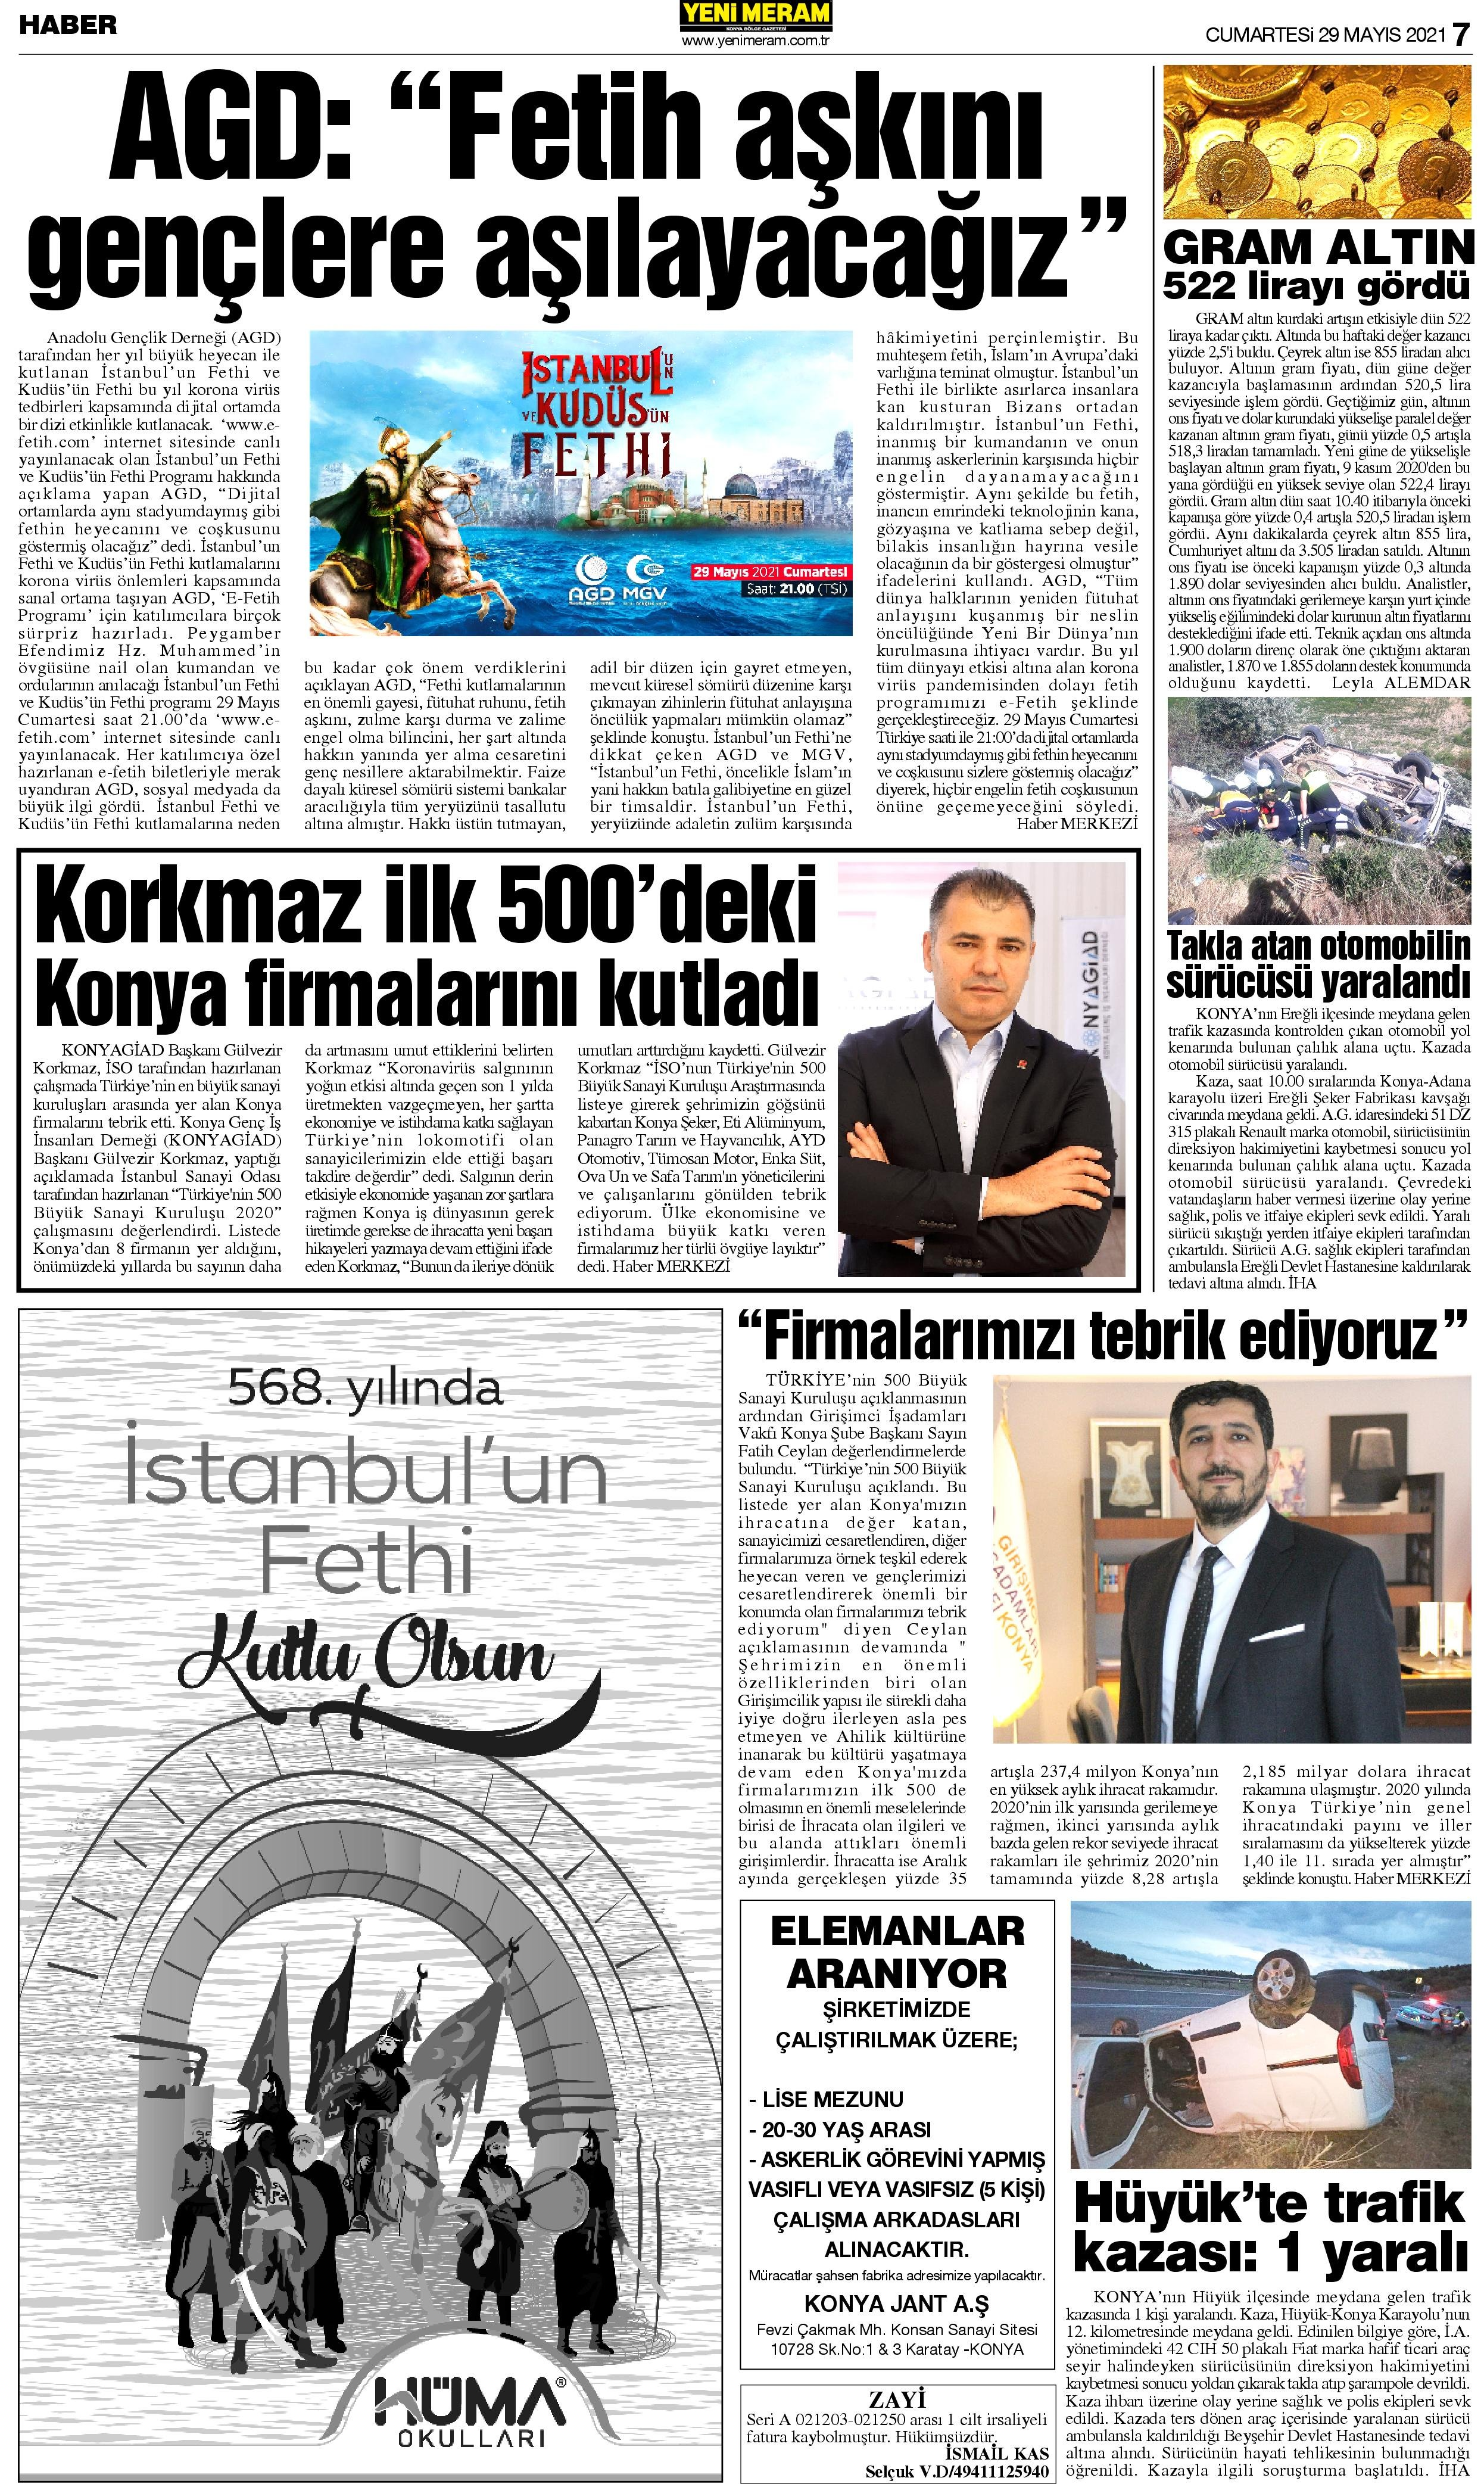 29 Mayıs 2021 Yeni Meram Gazetesi